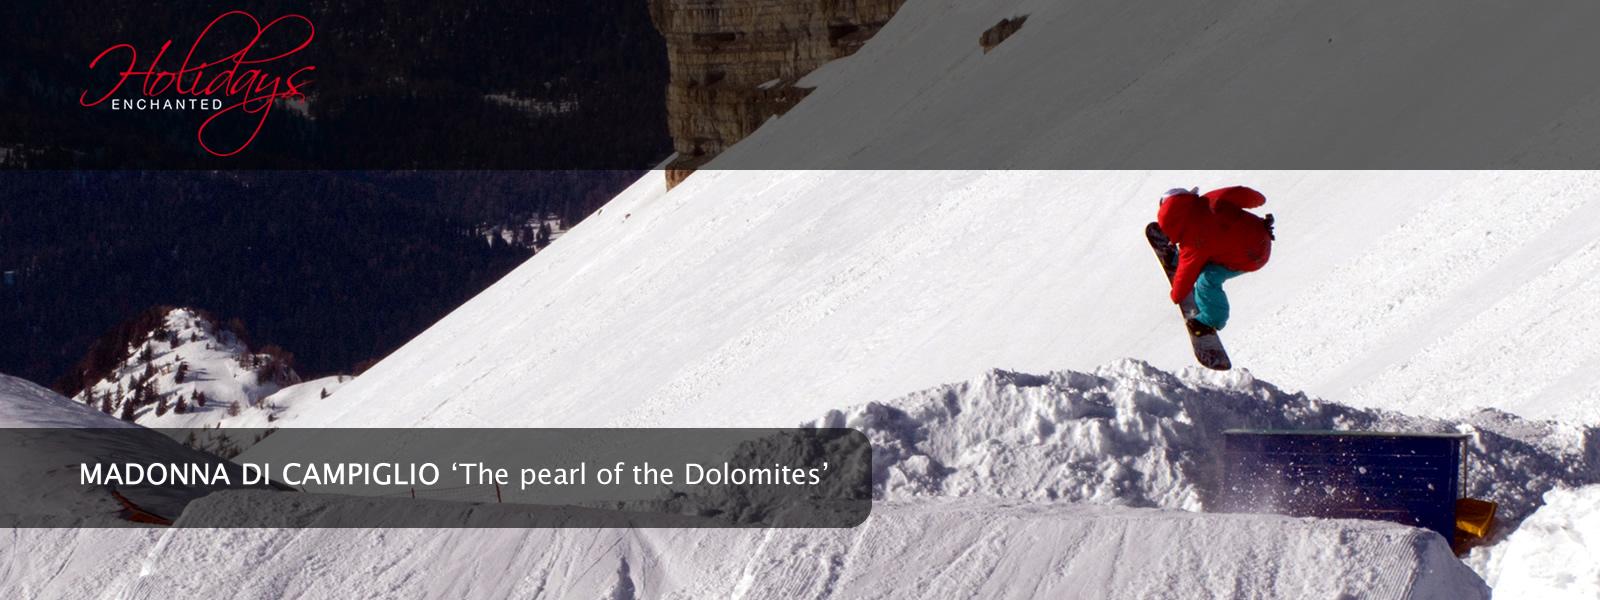 Snowboarding at Ursus Snowpark in Madonna di Campiglio